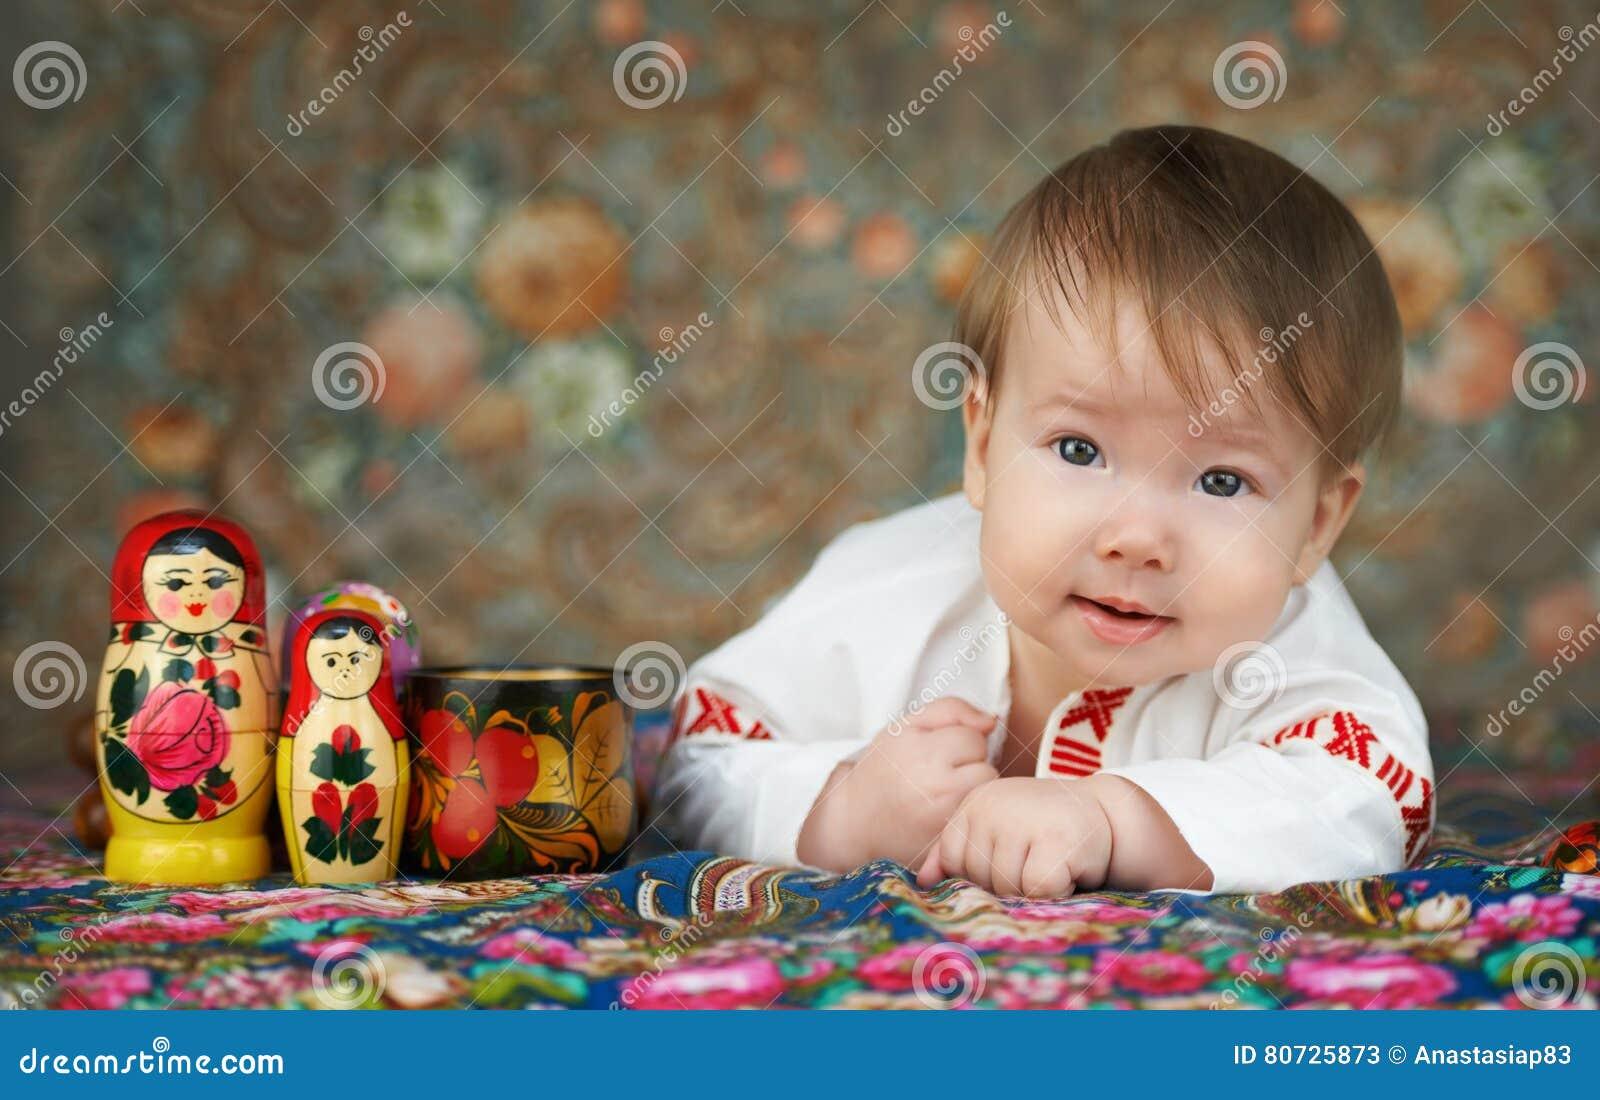 Μικρό παιδί σε ένα παραδοσιακό ρωσικό πουκάμισο με την κεντητική